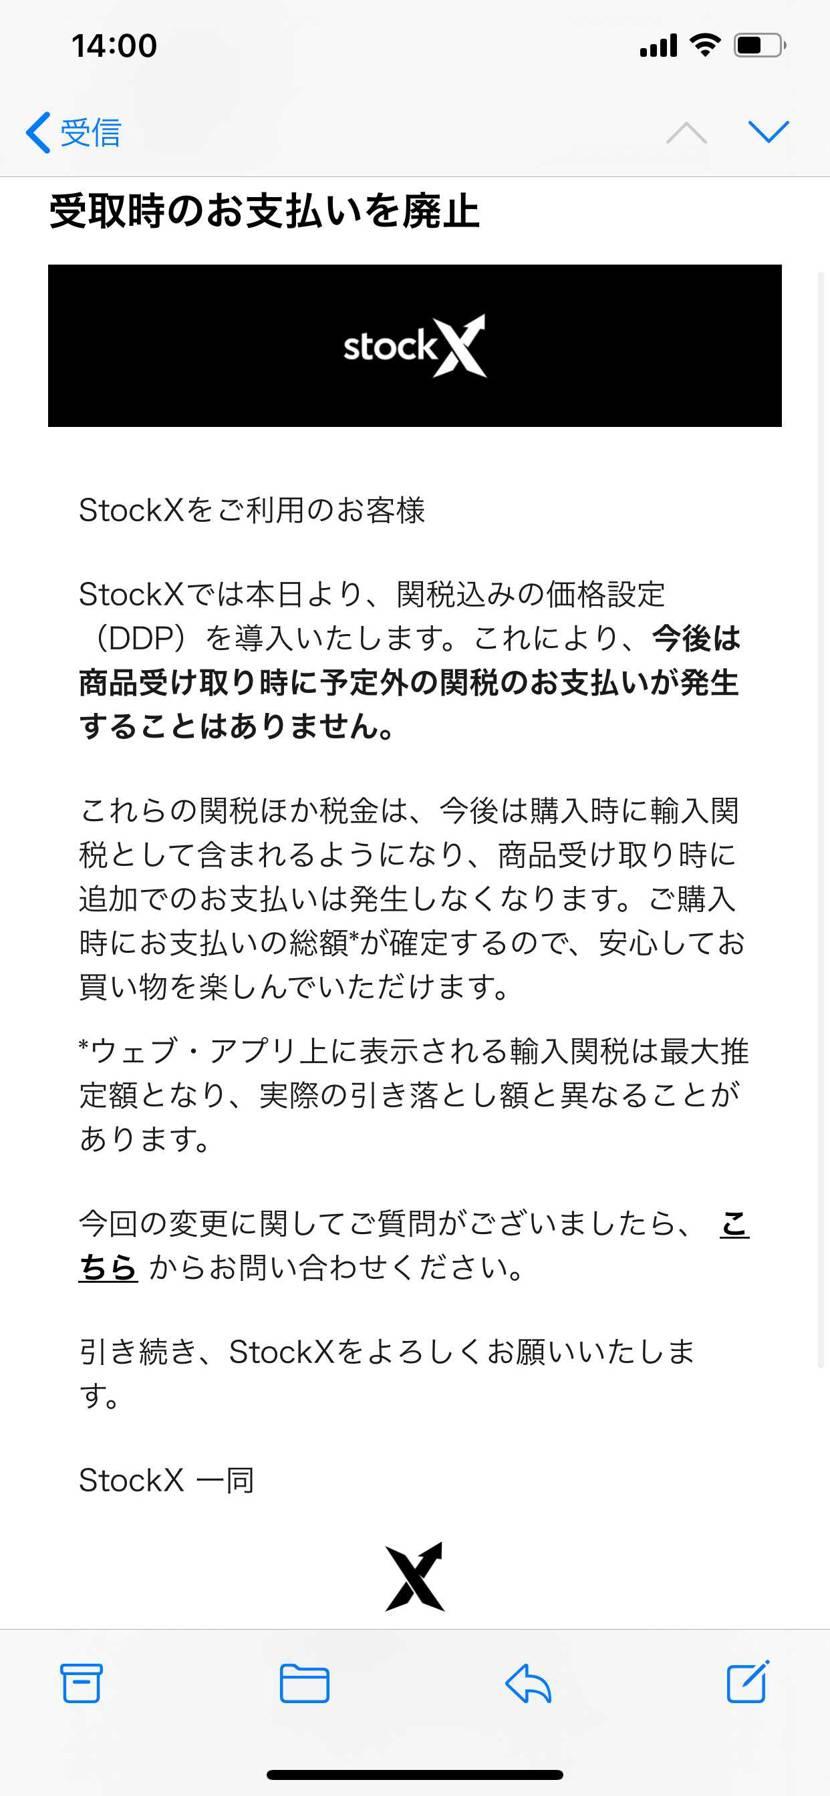 stockx使いやすくなったね〜いろいろと流通とか変わりそう🤔